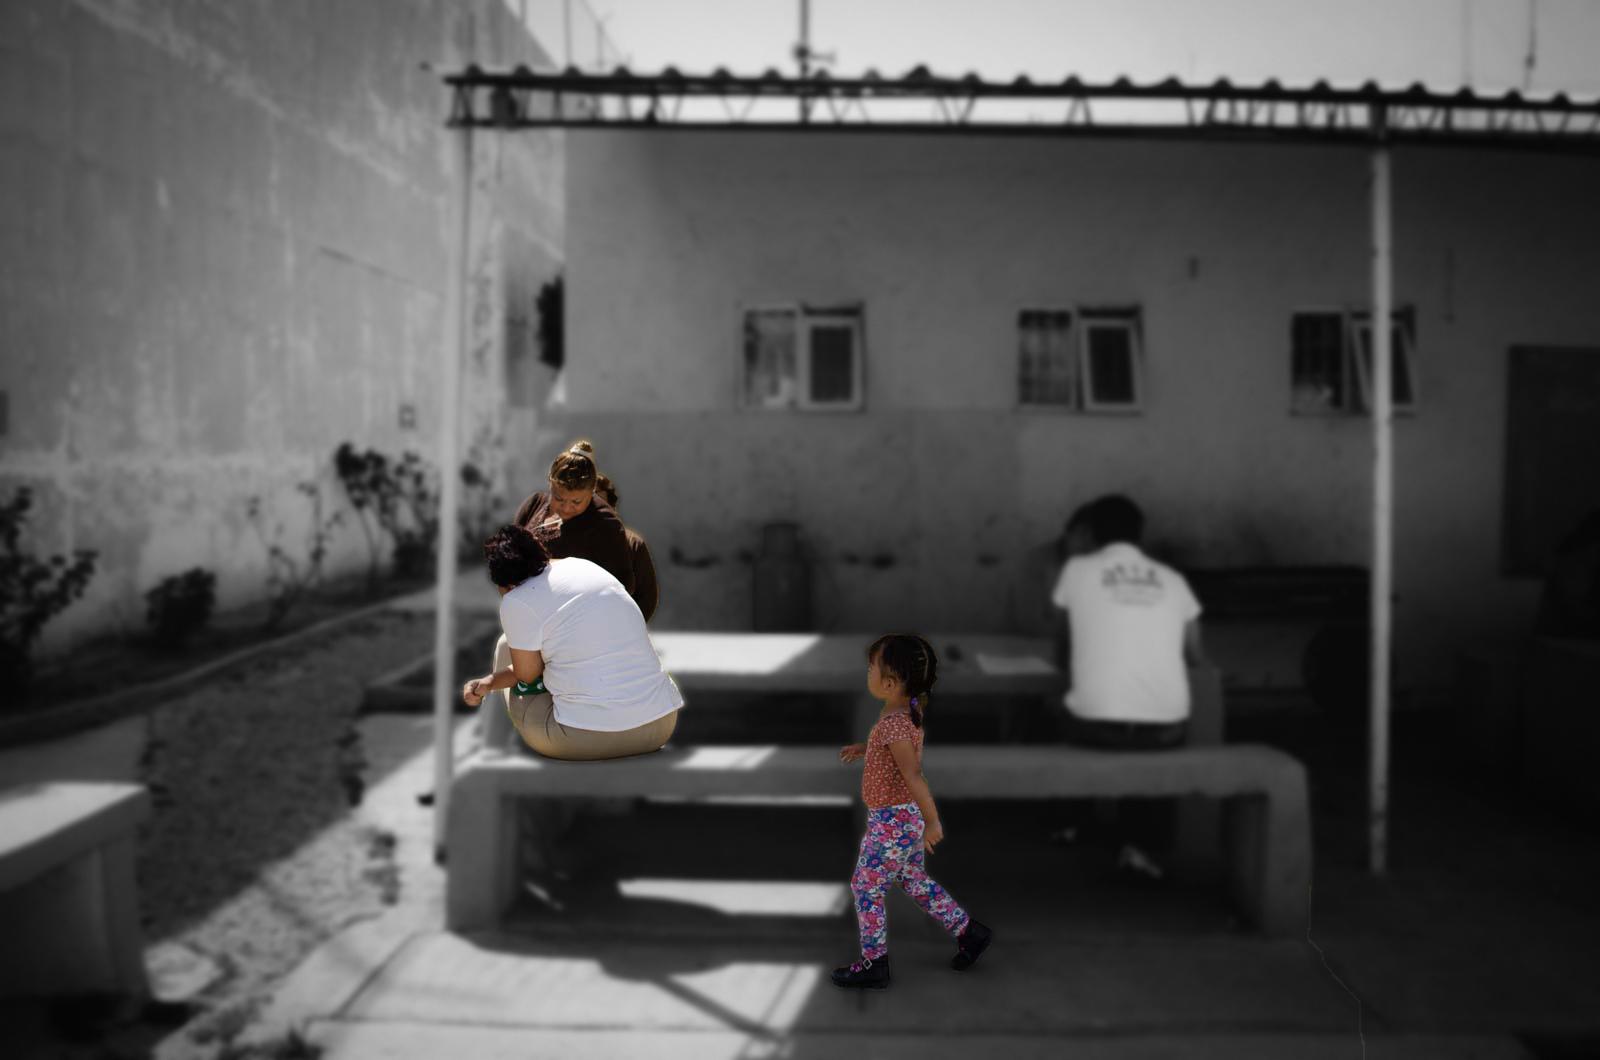 Maternidad tras las rejas: una realidad de miles de mujeres en el sistema penitenciario mexicano